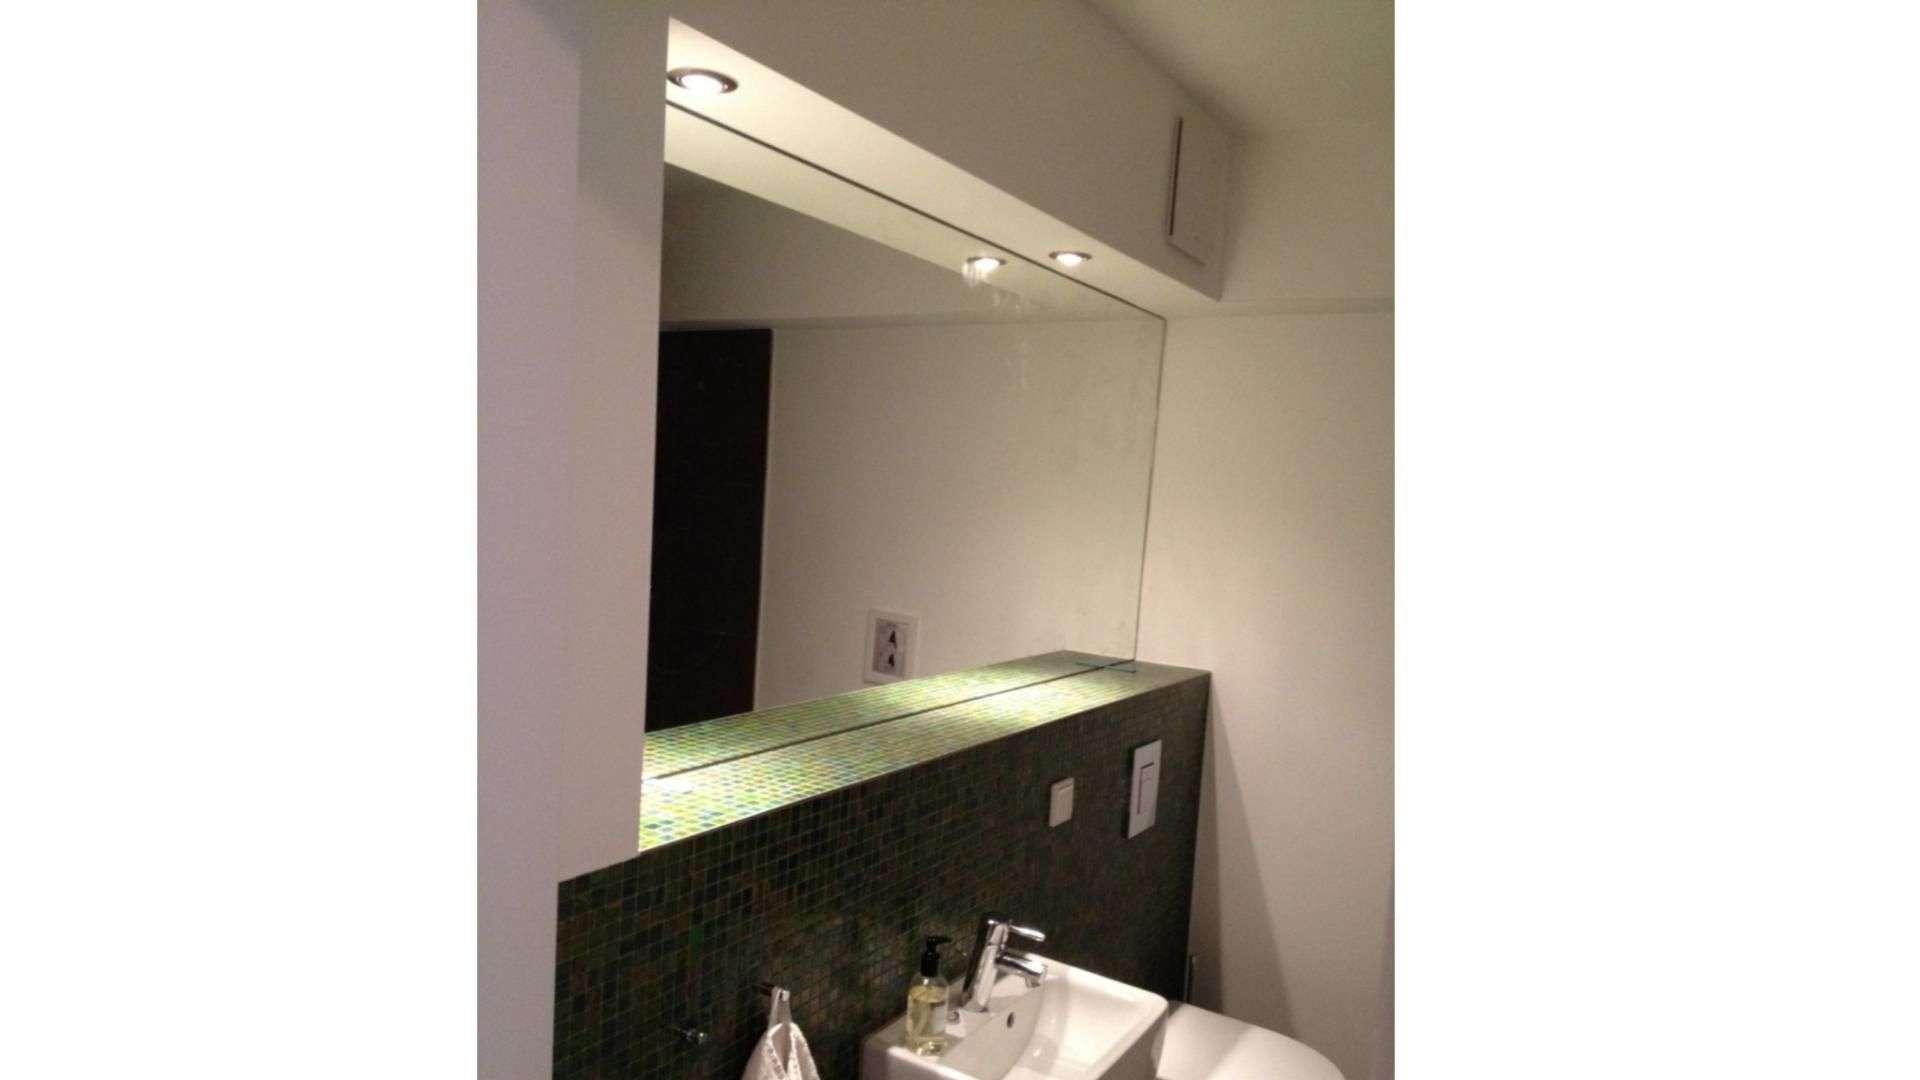 beleuchteter Spiegel über einem Waschbecken